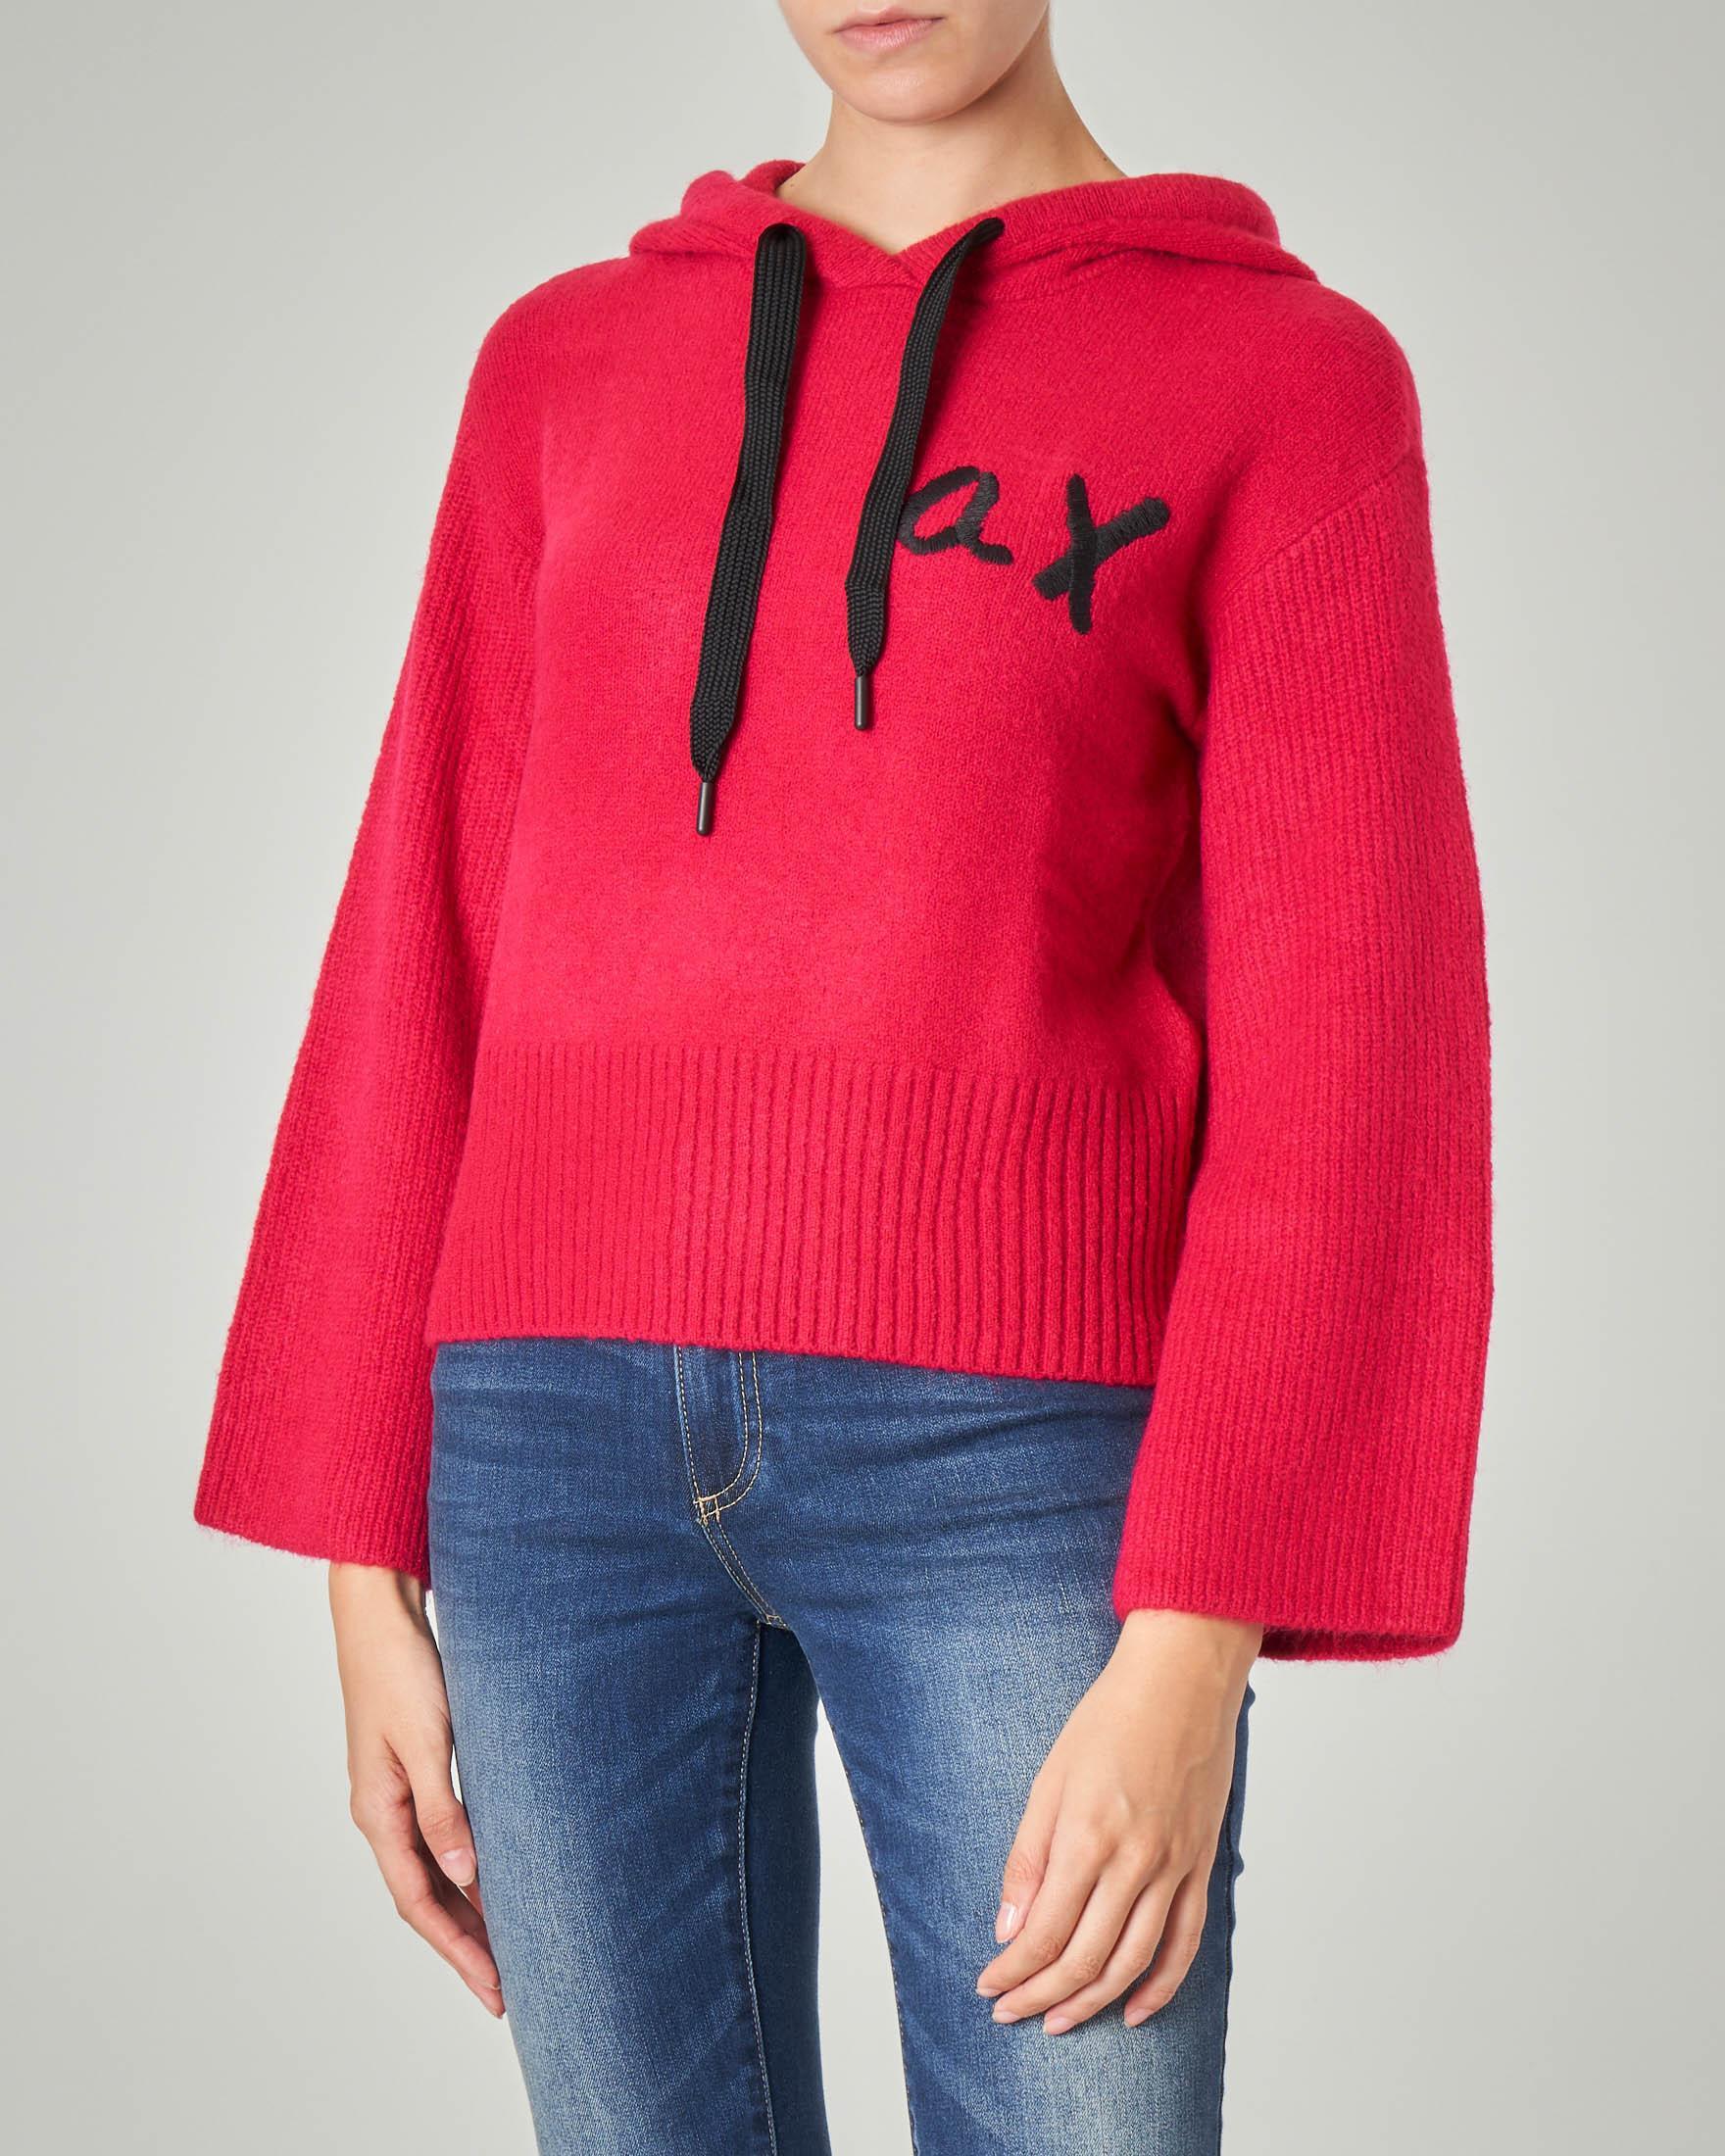 Maglia over color rubino con cappuccio e monogramma logo